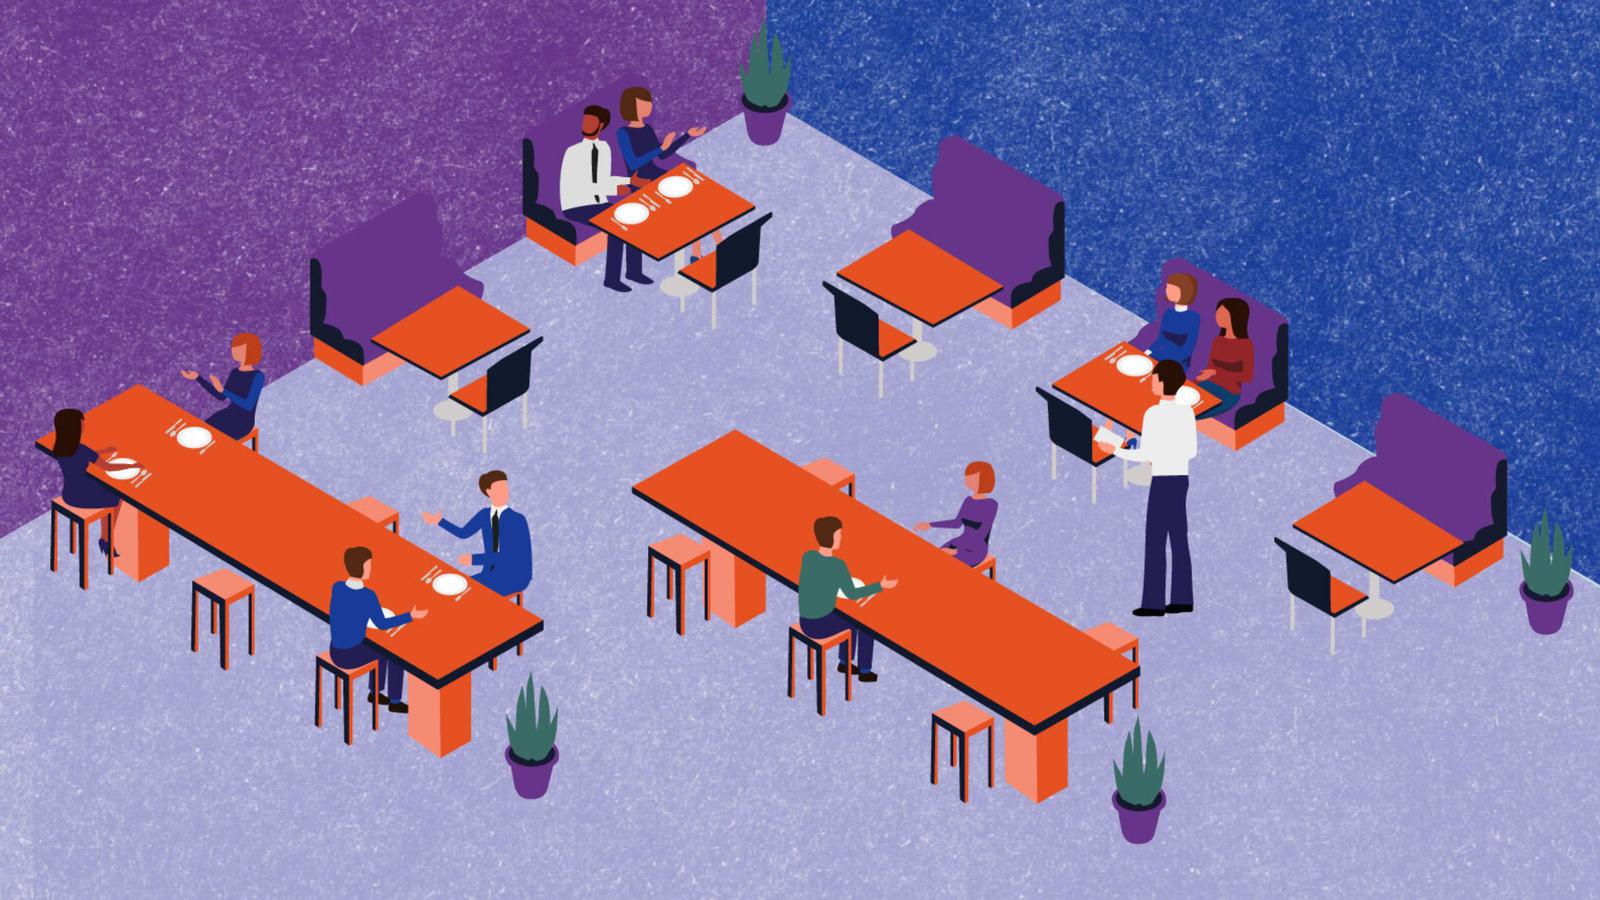 حيلة الذكية بأحد المطاعم لضمان التباعد الاجتماعي